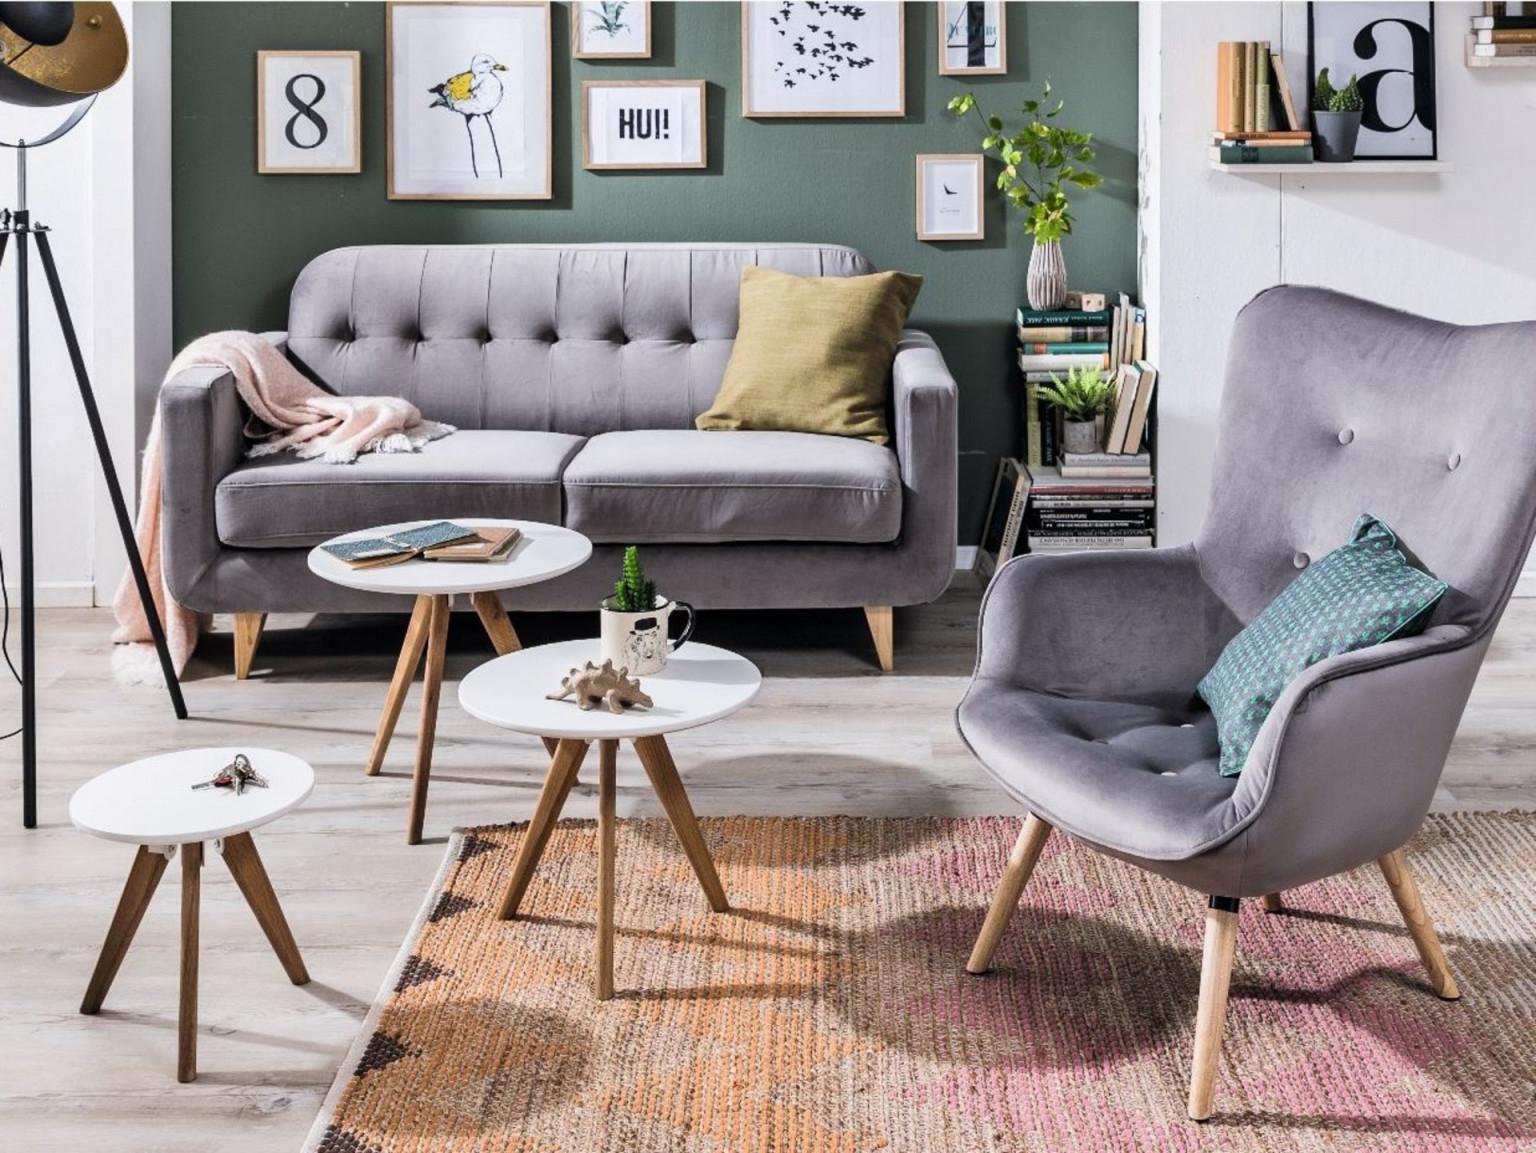 Kleines Wohnzimmer Gemütlich Und Clever Einrichten von Wohnzimmer Mit Sessel Einrichten Photo